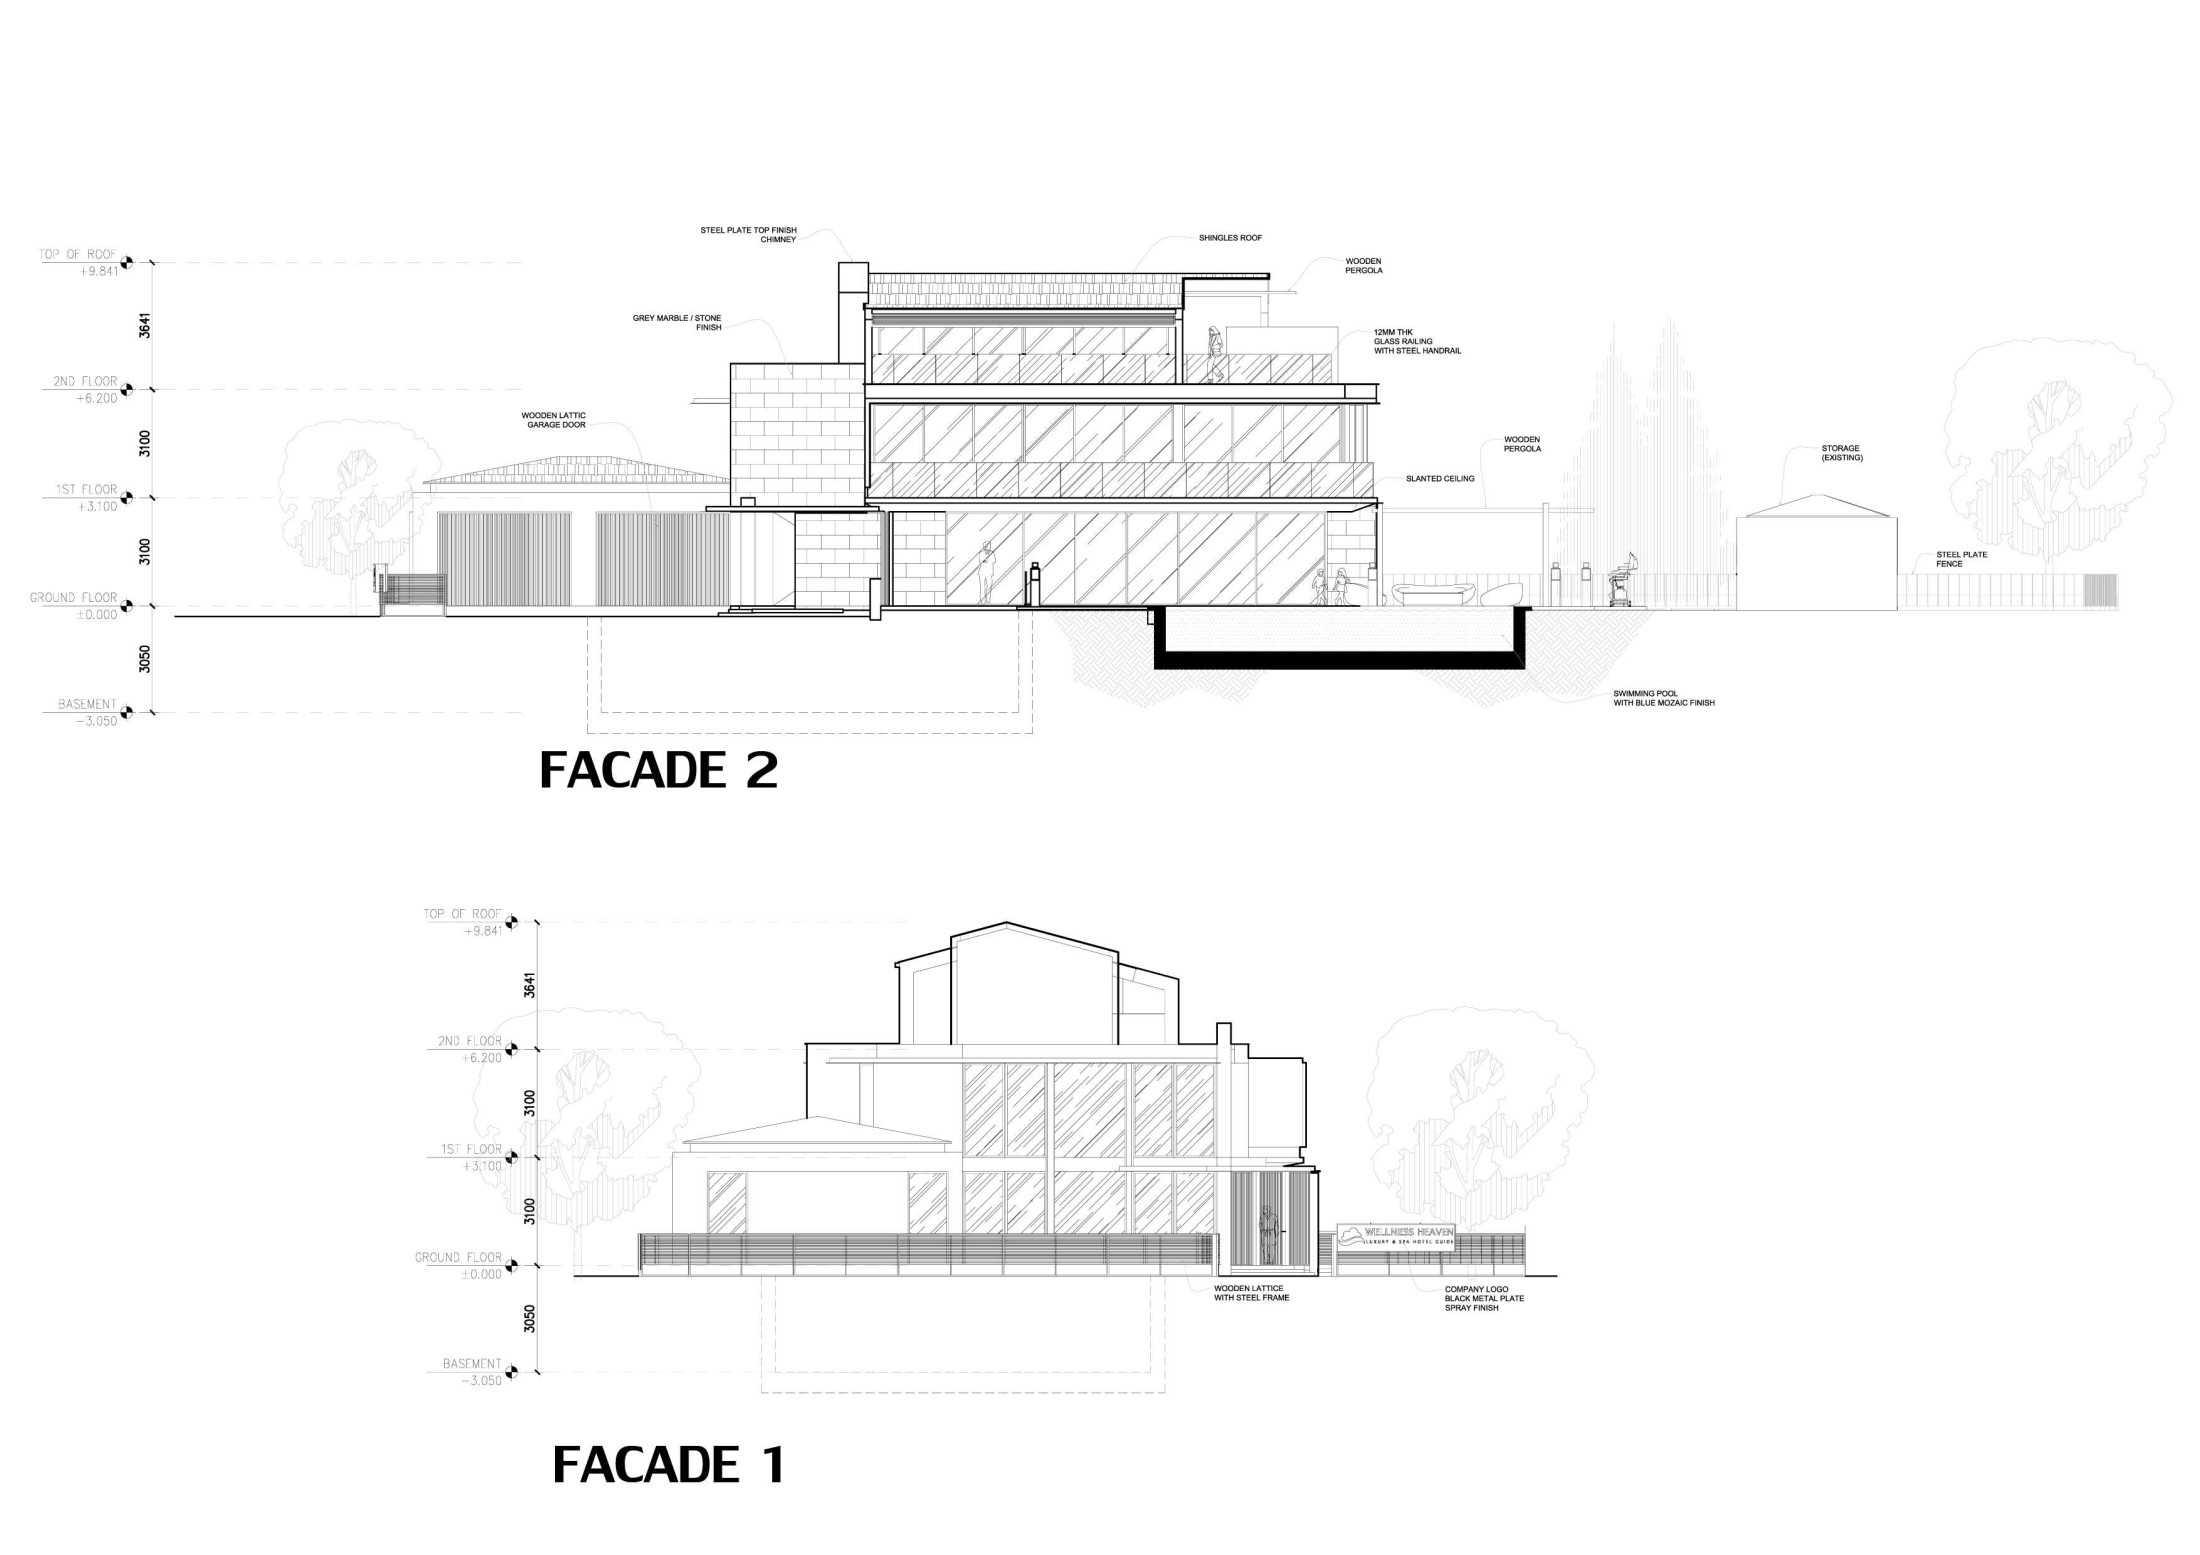 Bral Architect Alpen House In Germany 46519 Alpen, Jerman 46519 Alpen, Jerman Bral-Architect-Alpen-House-In-Germany  99895